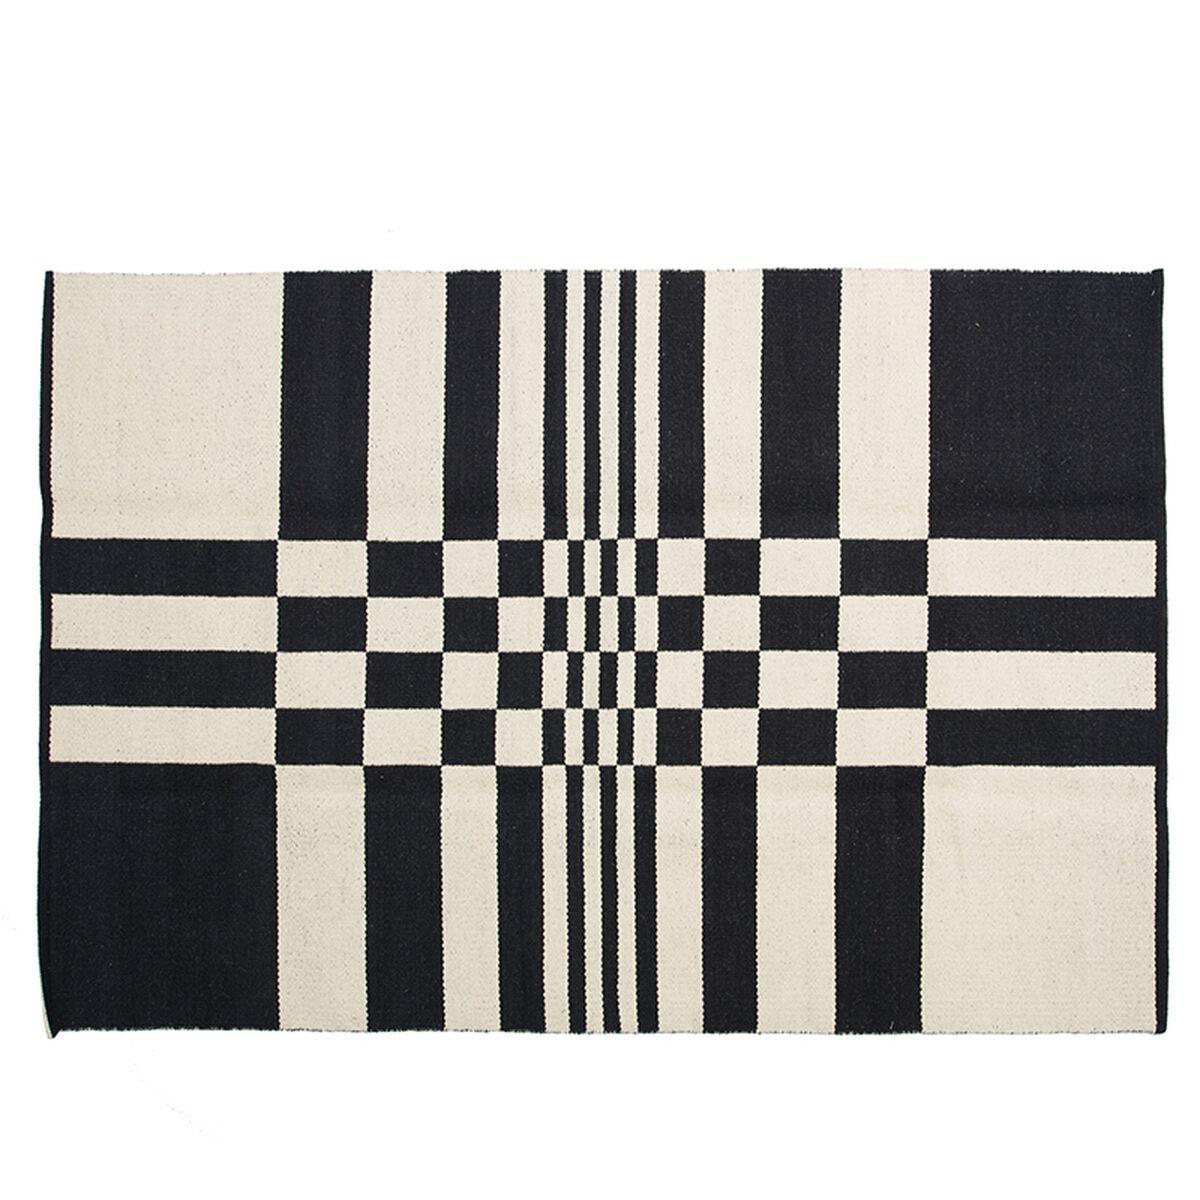 Johanna Gullichsen Gaia matto 160 x 240 cm, musta